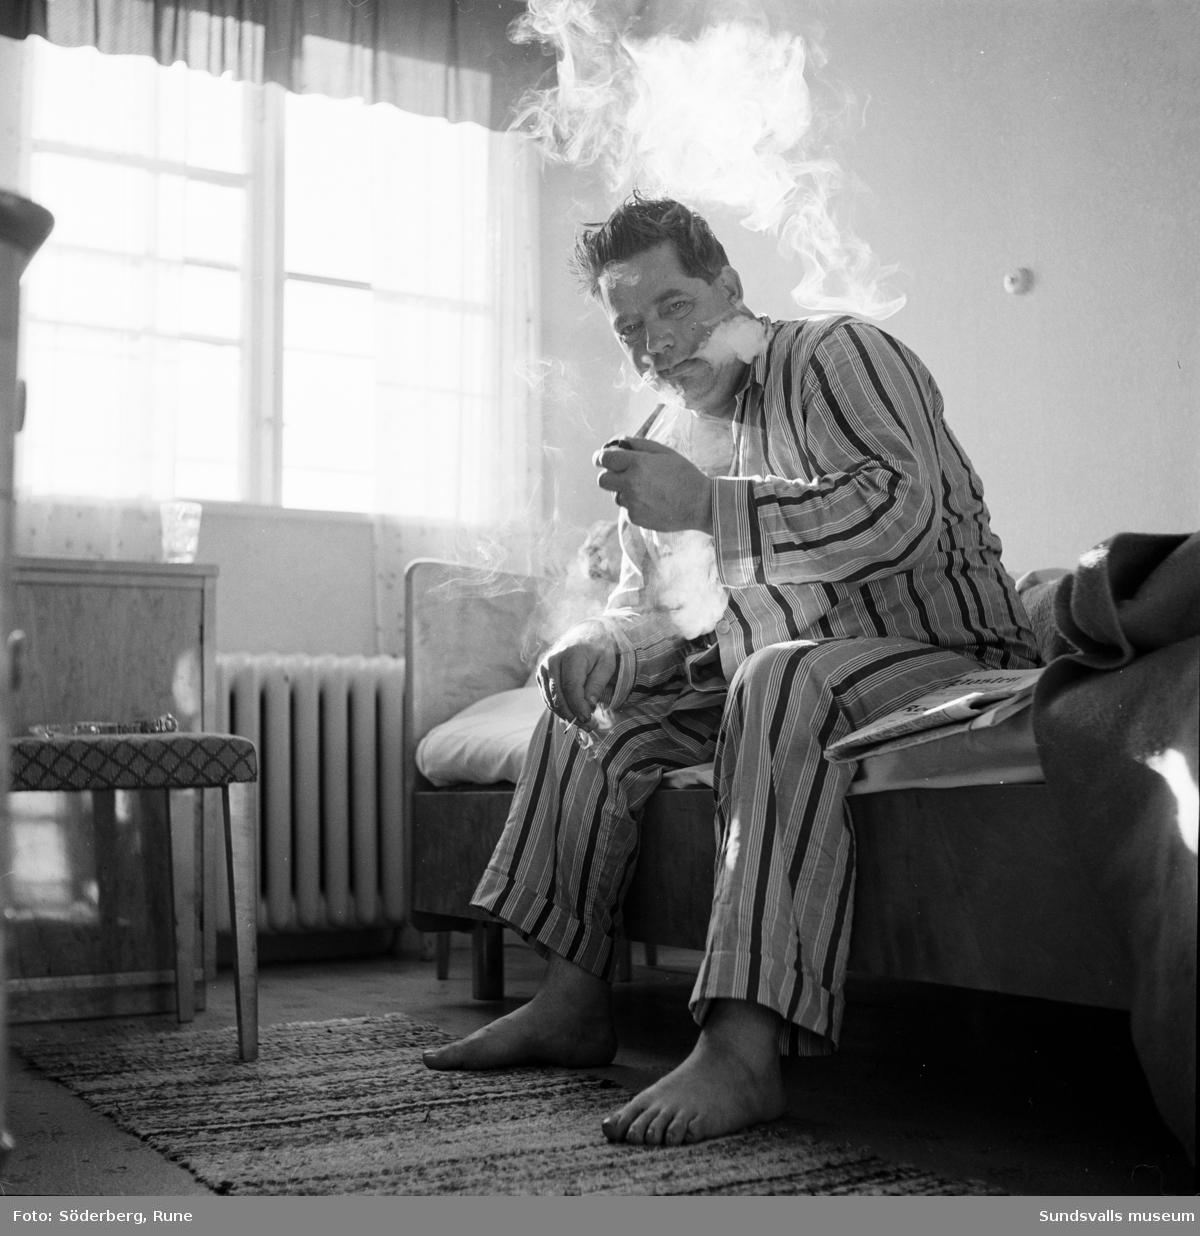 Man i pyamas sitter på sängkanten och röker pipa.